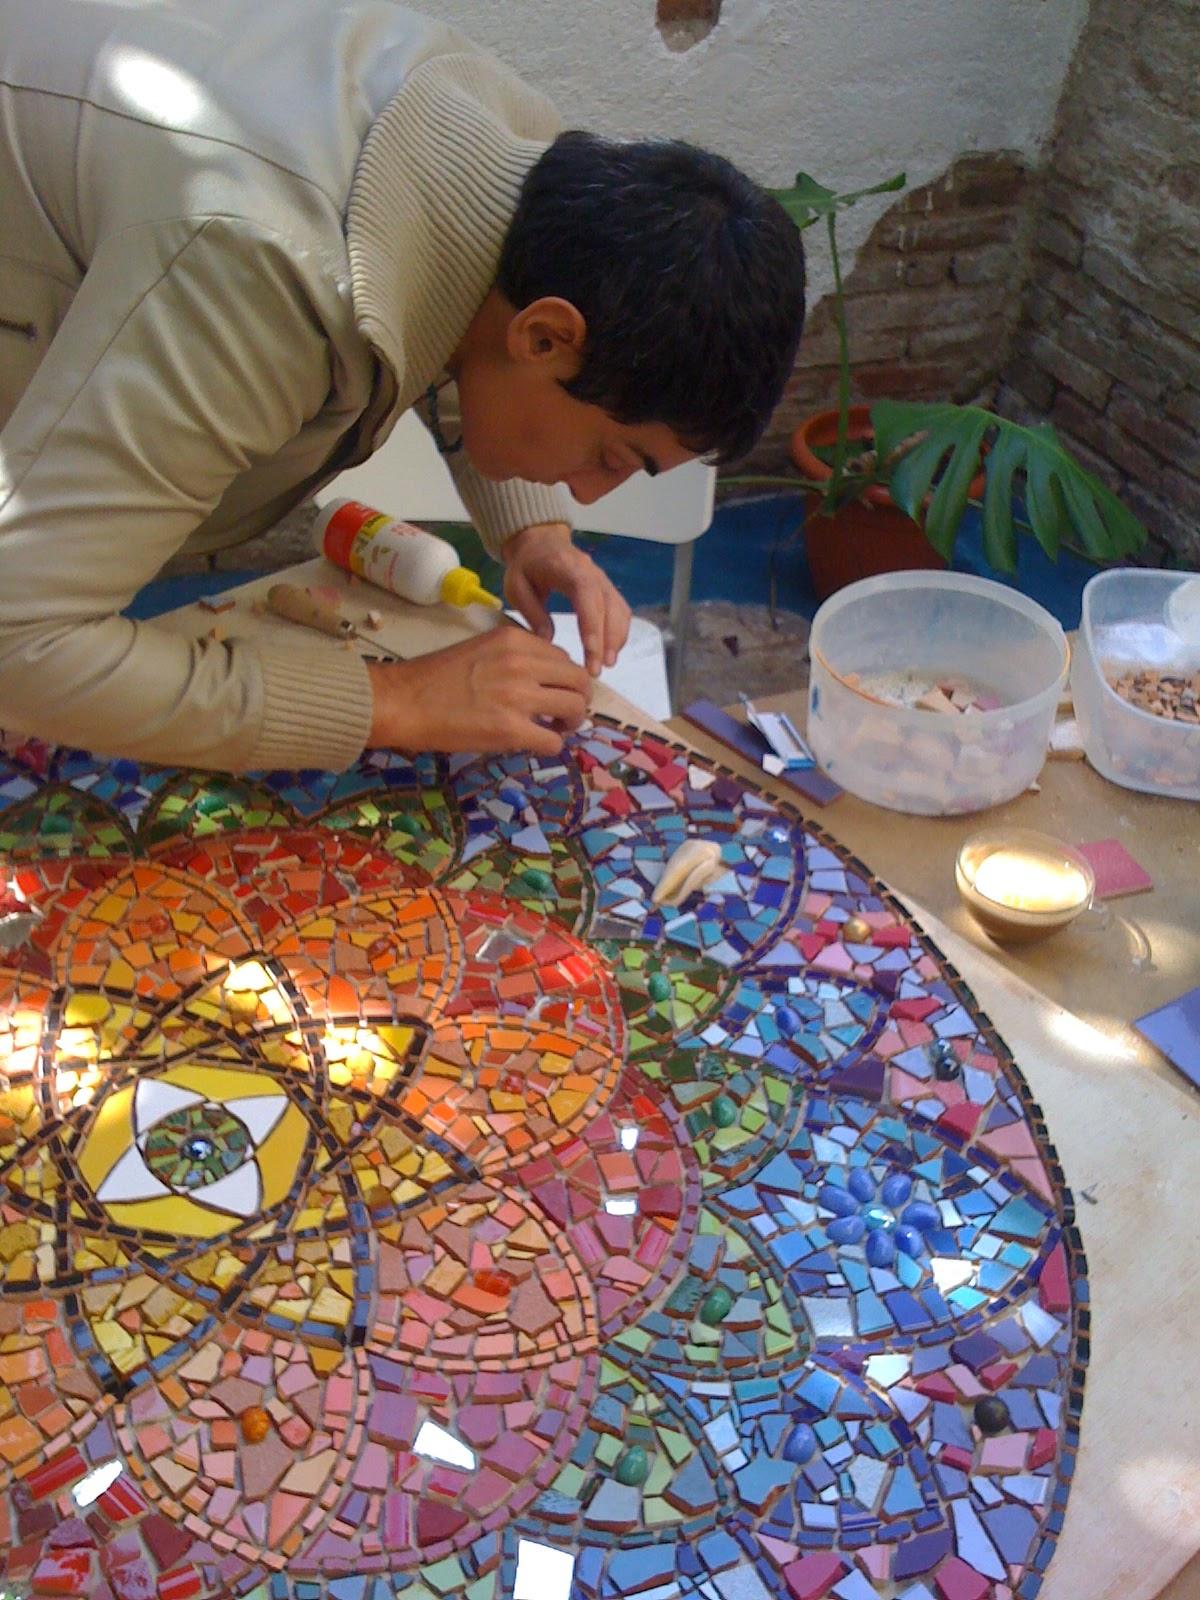 Raisumosaicos nuestros mosaicos - Mosaicos de colores ...